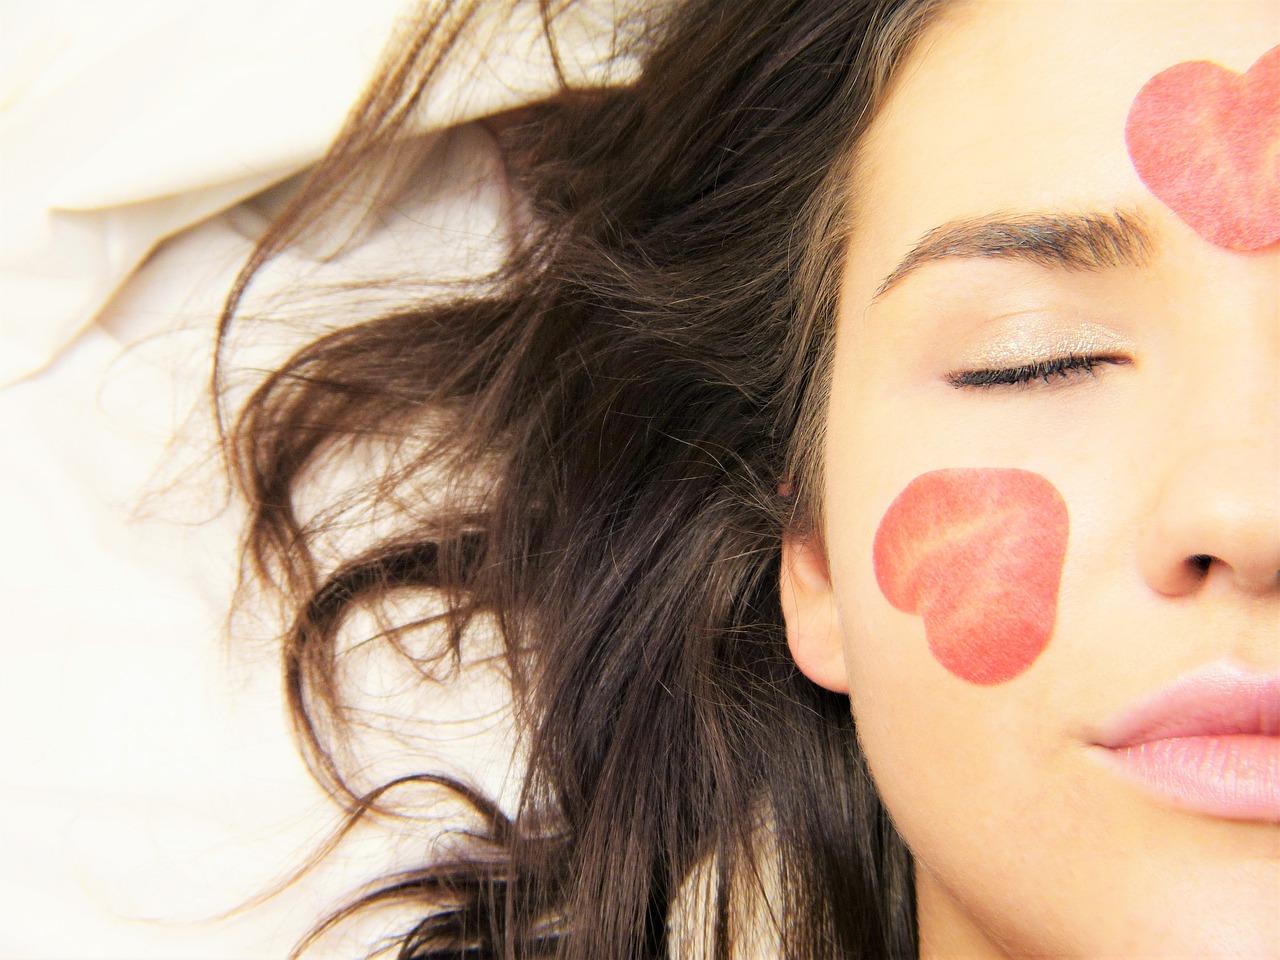 zainteresowanie procedurami kosmetycznymi